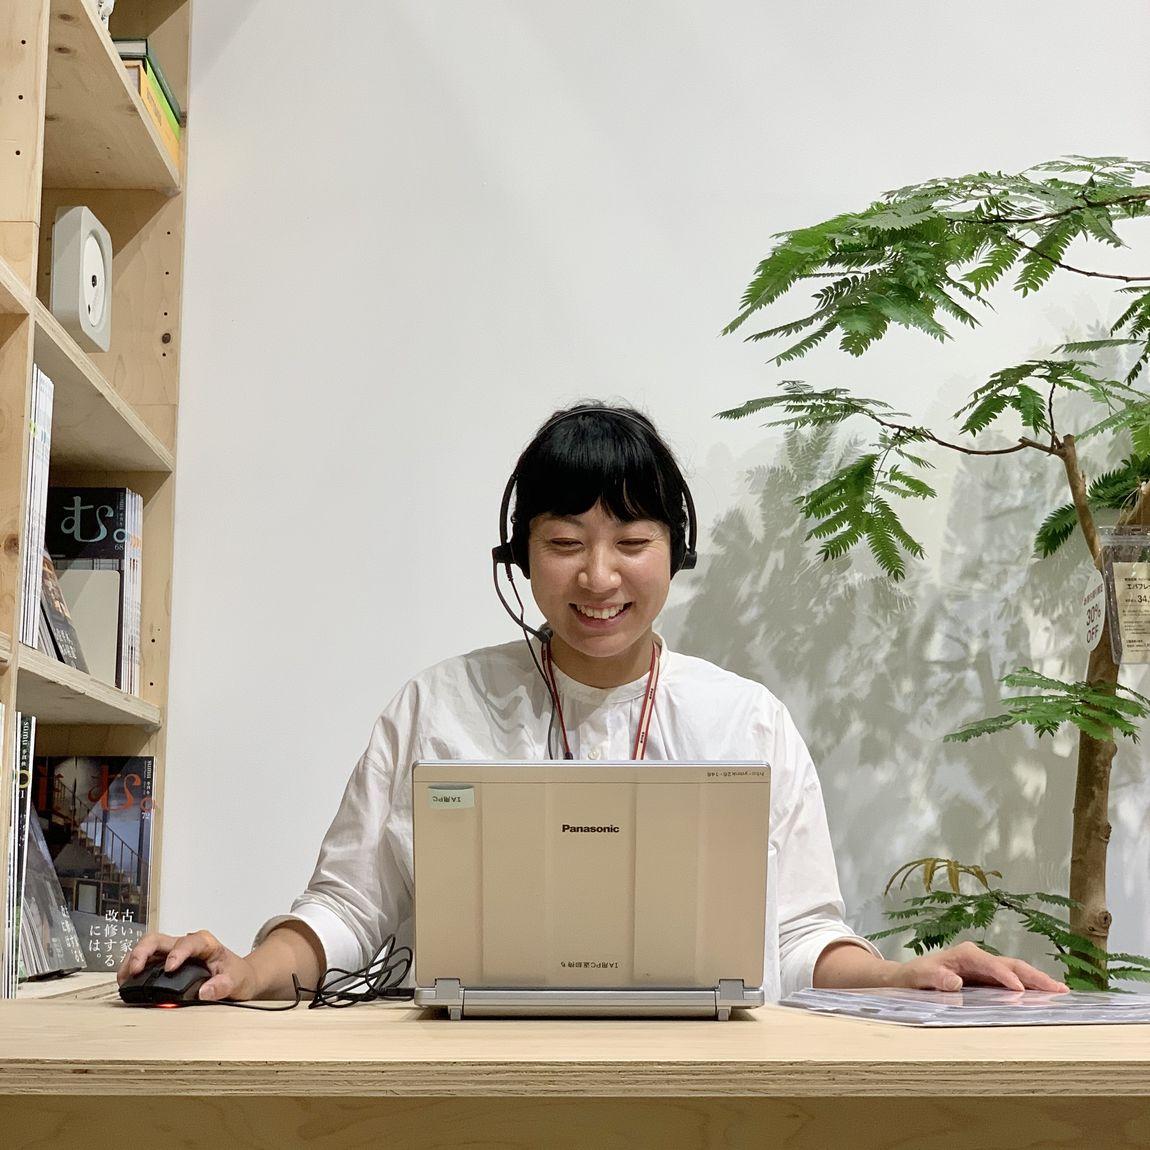 【イオンモール堺北花田】オンラインでのインテリア相談、はじまります。|MUJI SUPPORT